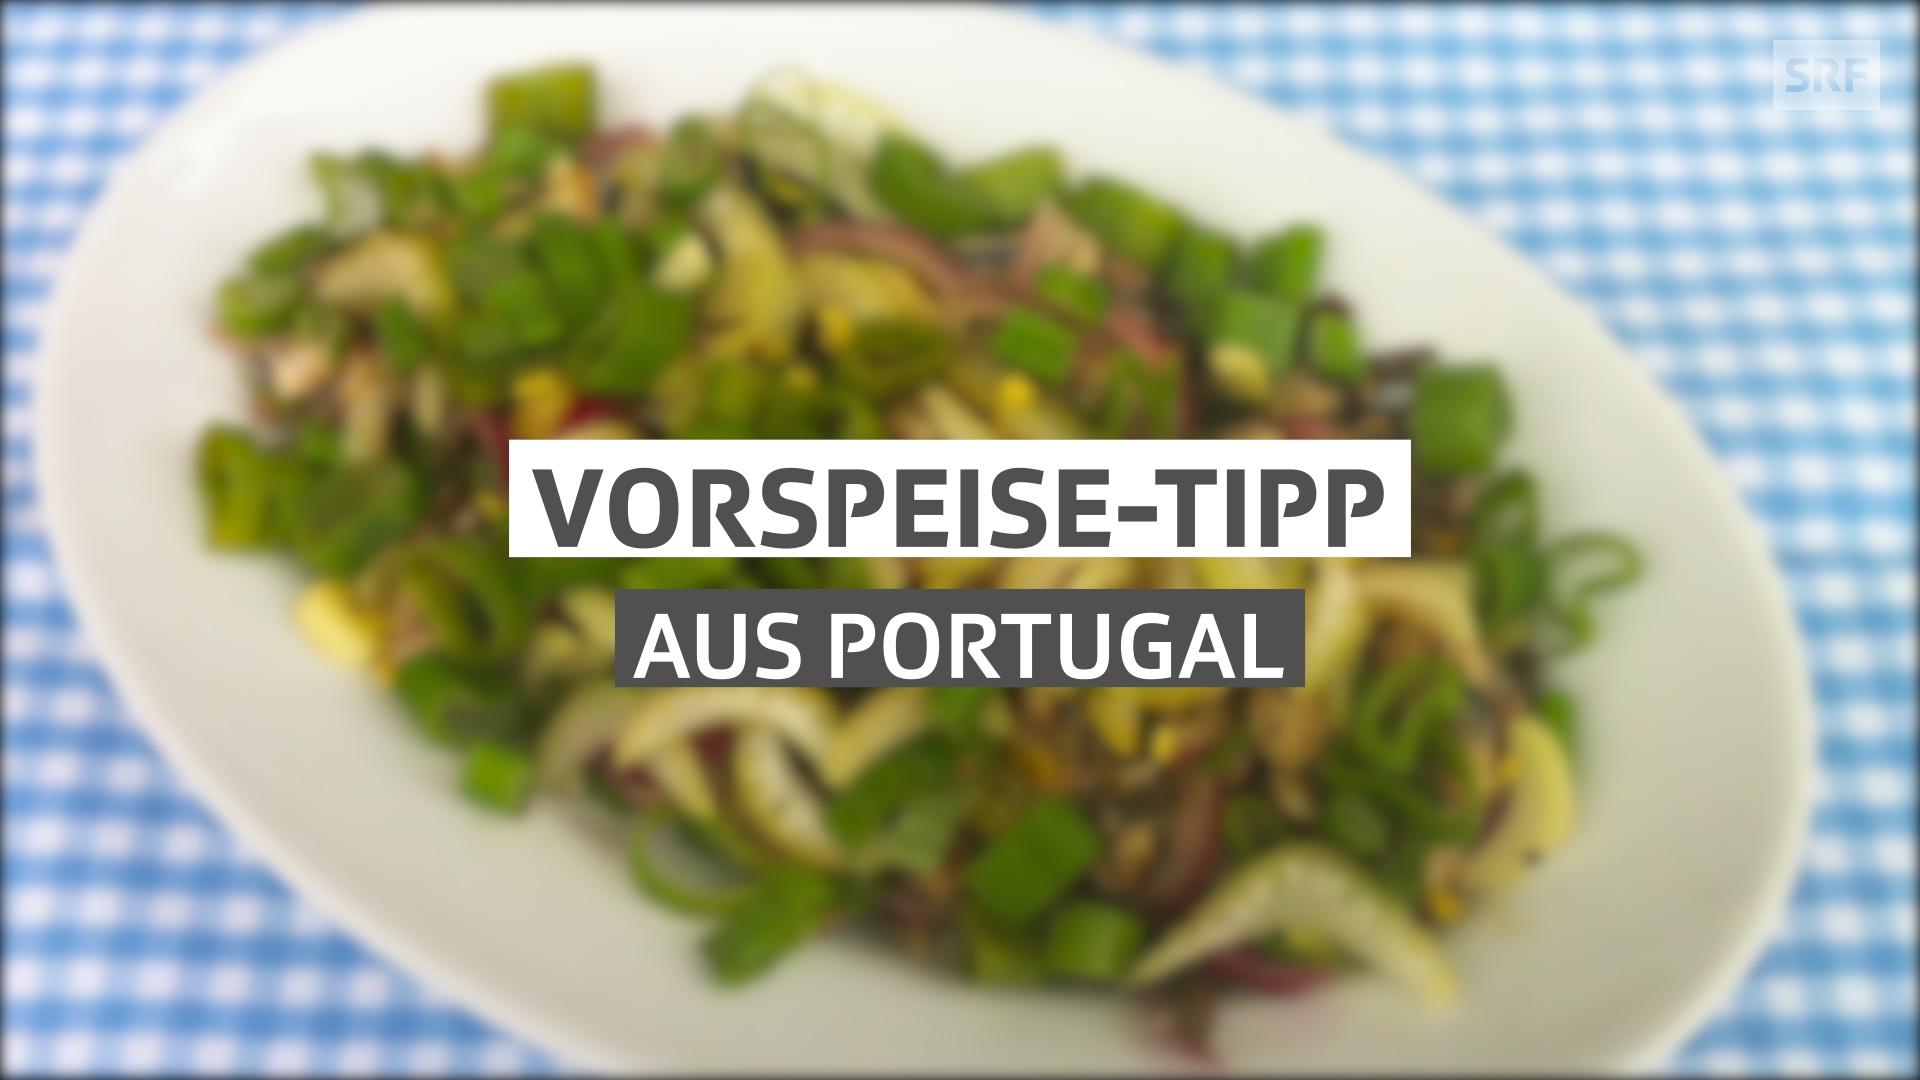 Vorspeise-Tipp aus Portugal